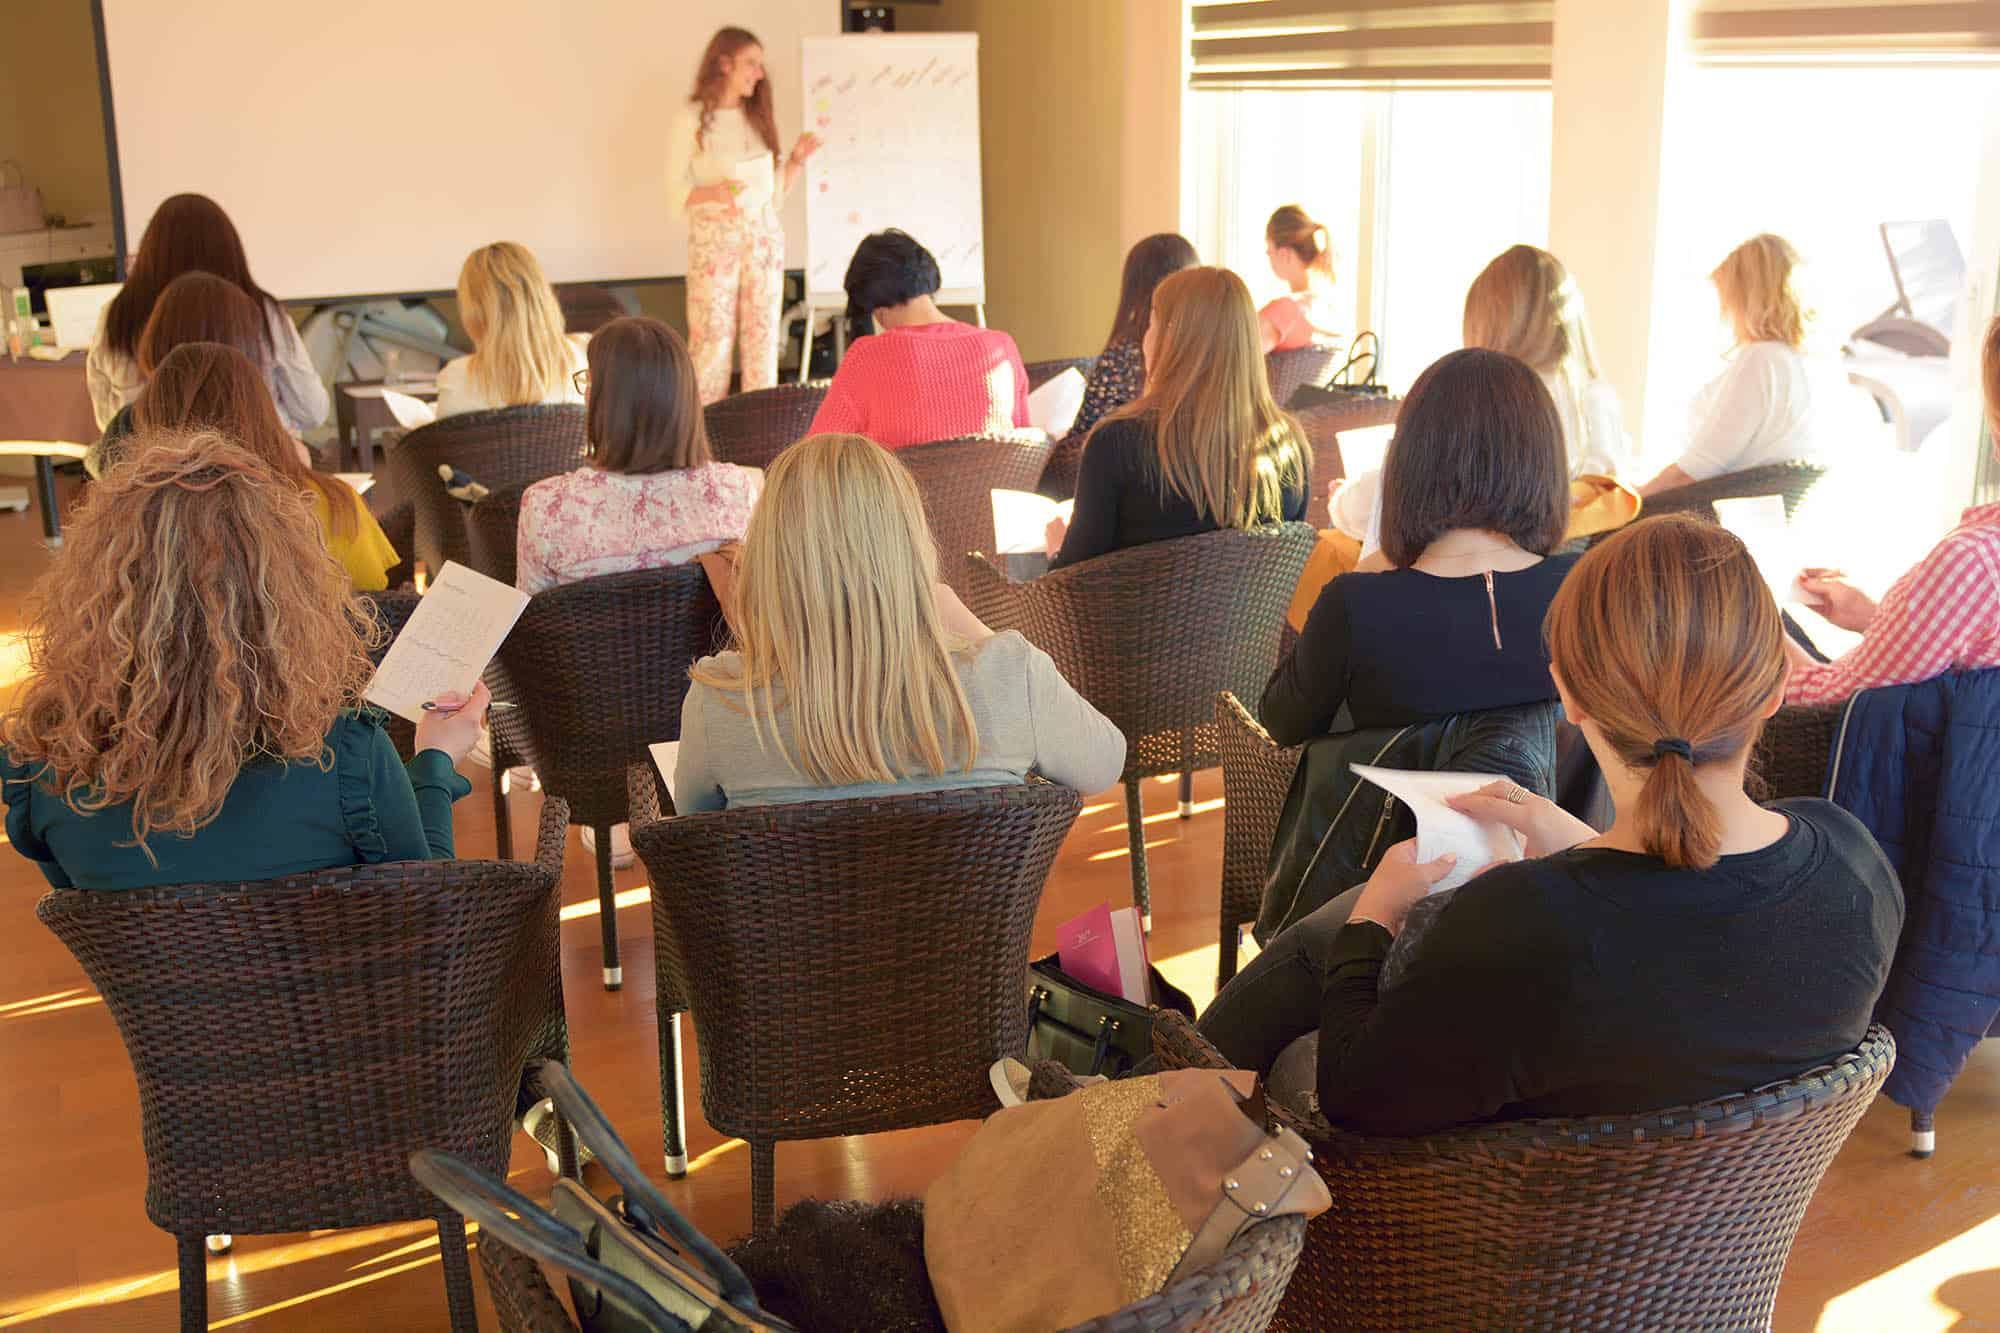 Petra Cutuk Vjeruj Traži Manifestiraj Zdravlje Meditacija Vježbe Disanja Samopouzdanje Posao Pms Pula Sreća Ciljevi Promjena Ljepota Izazov Afirmacije